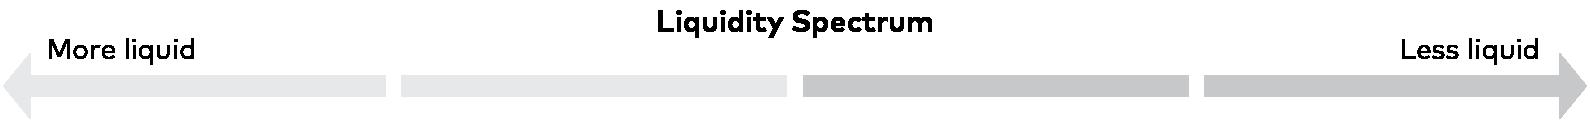 liquidity spectrum